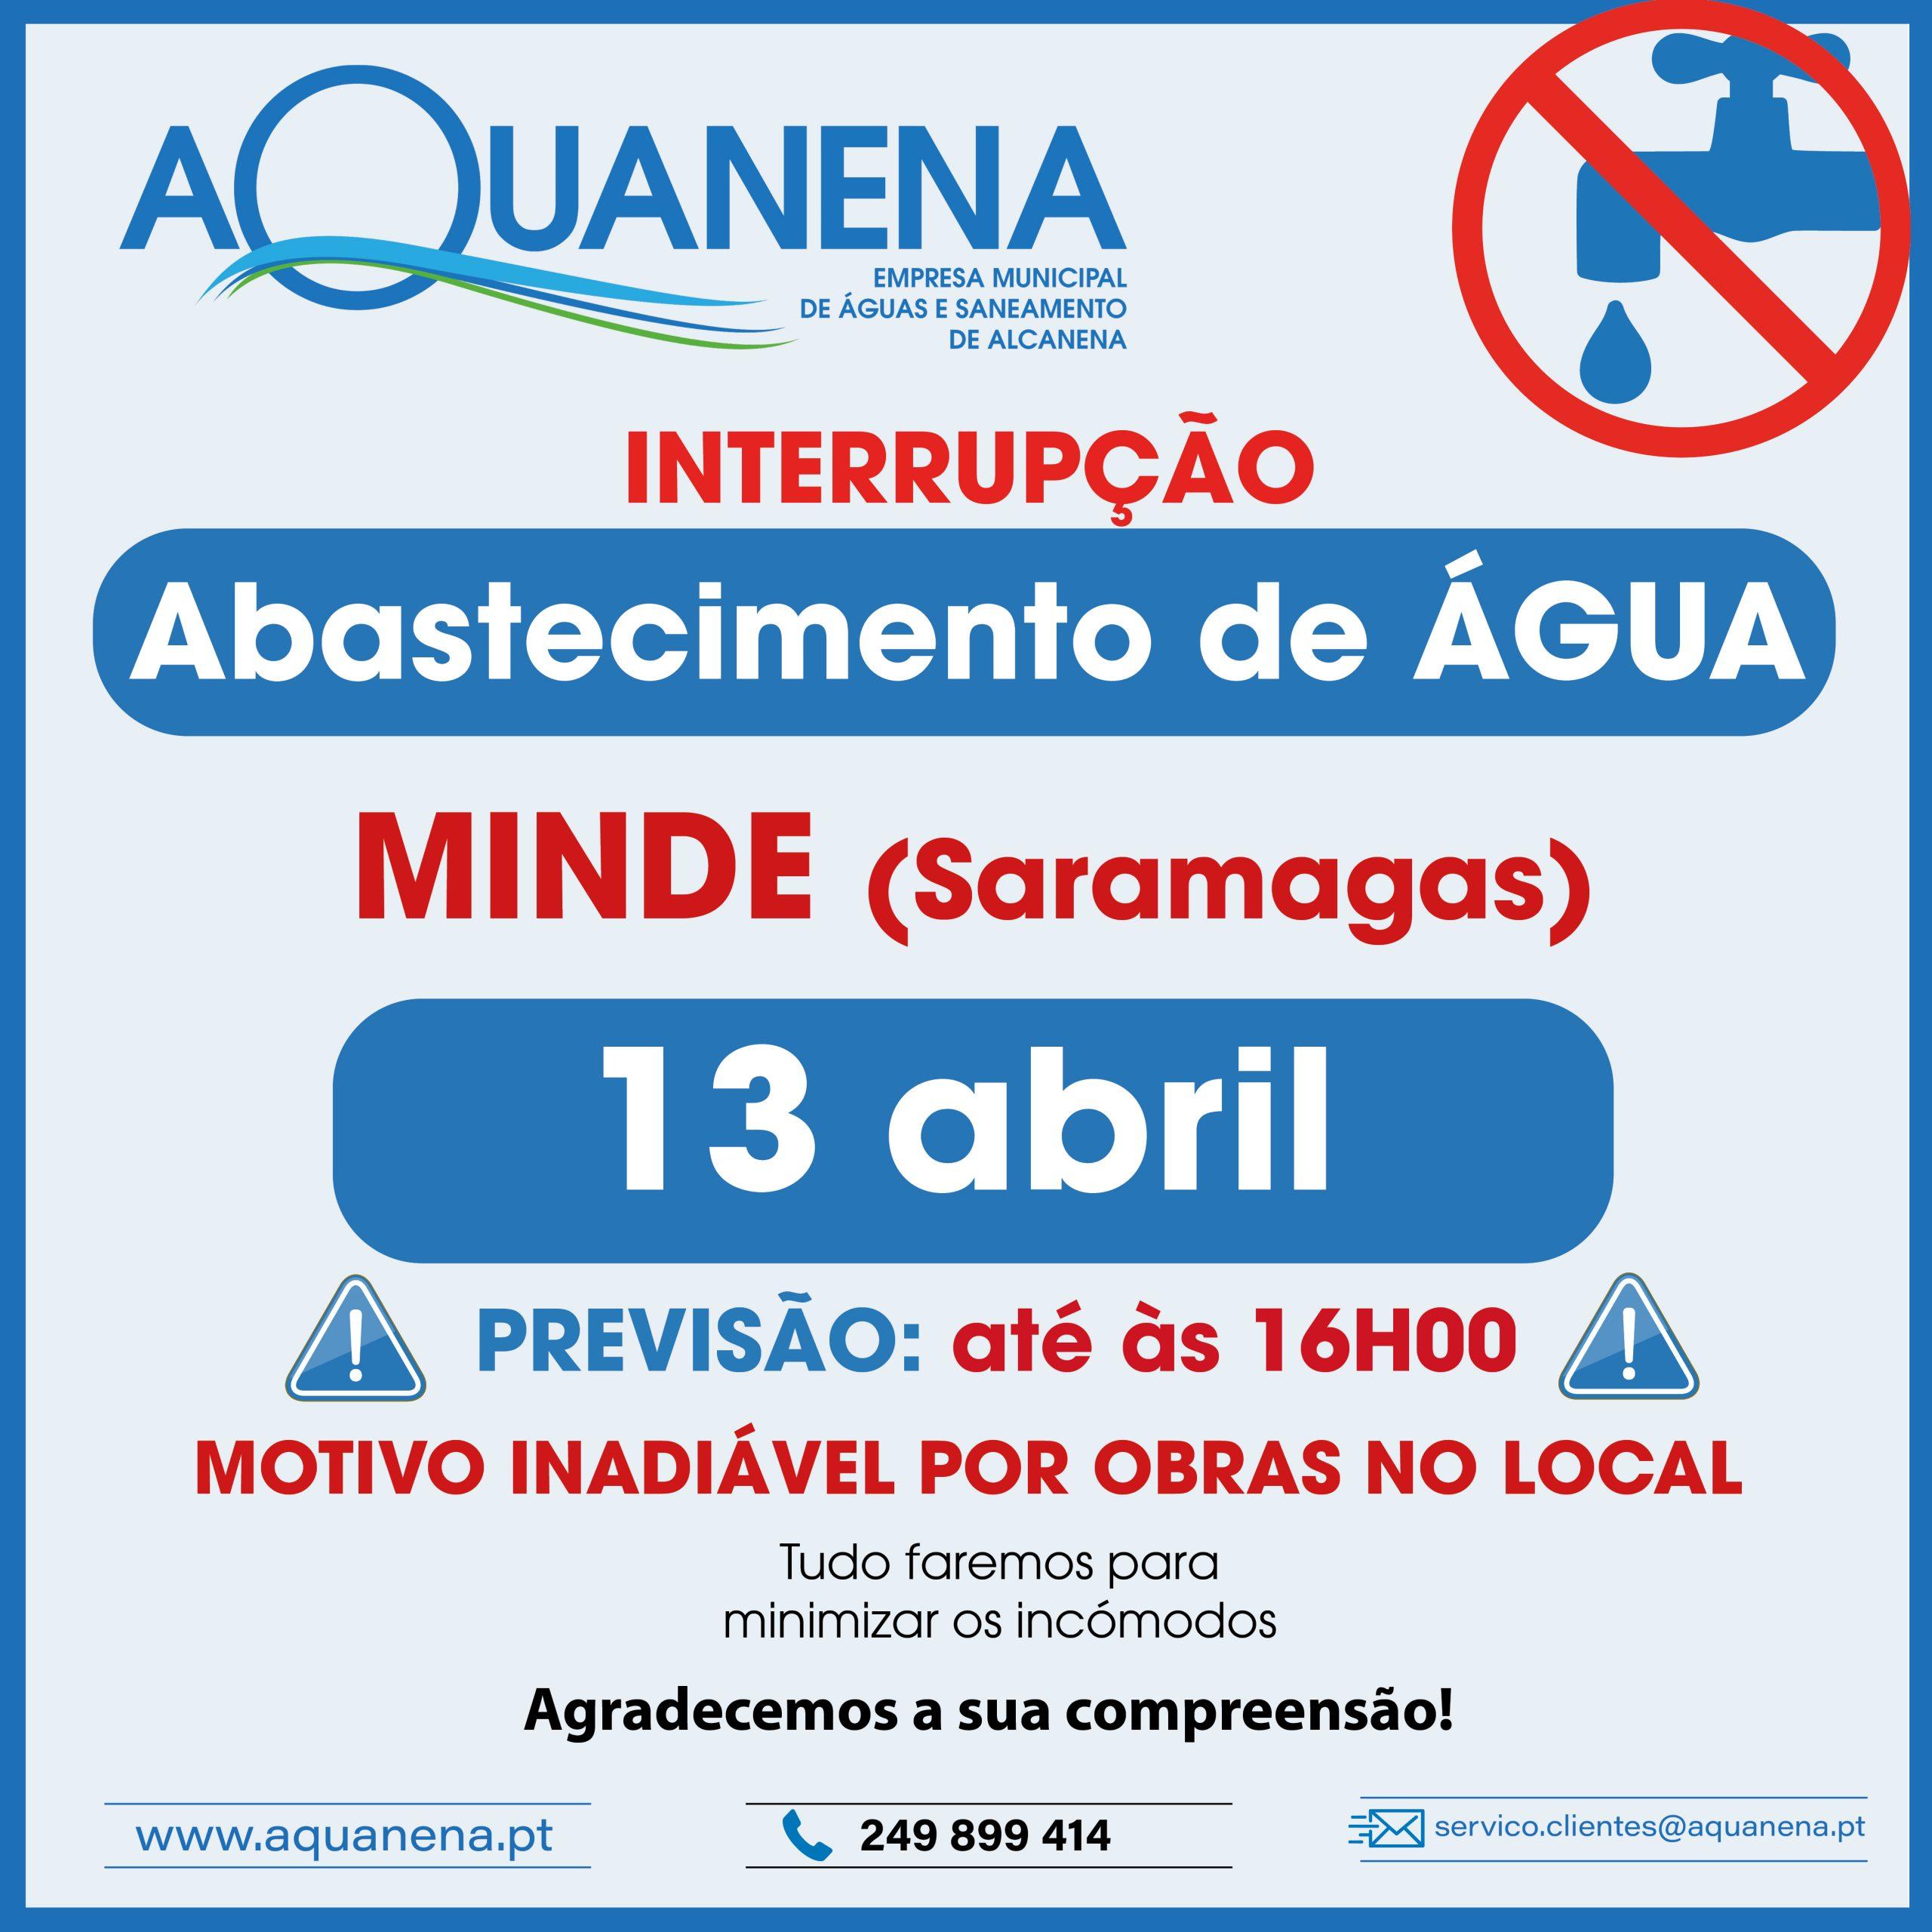 INTERRUPÇÃO de abastecimento de água em MINDE (Saramagas)